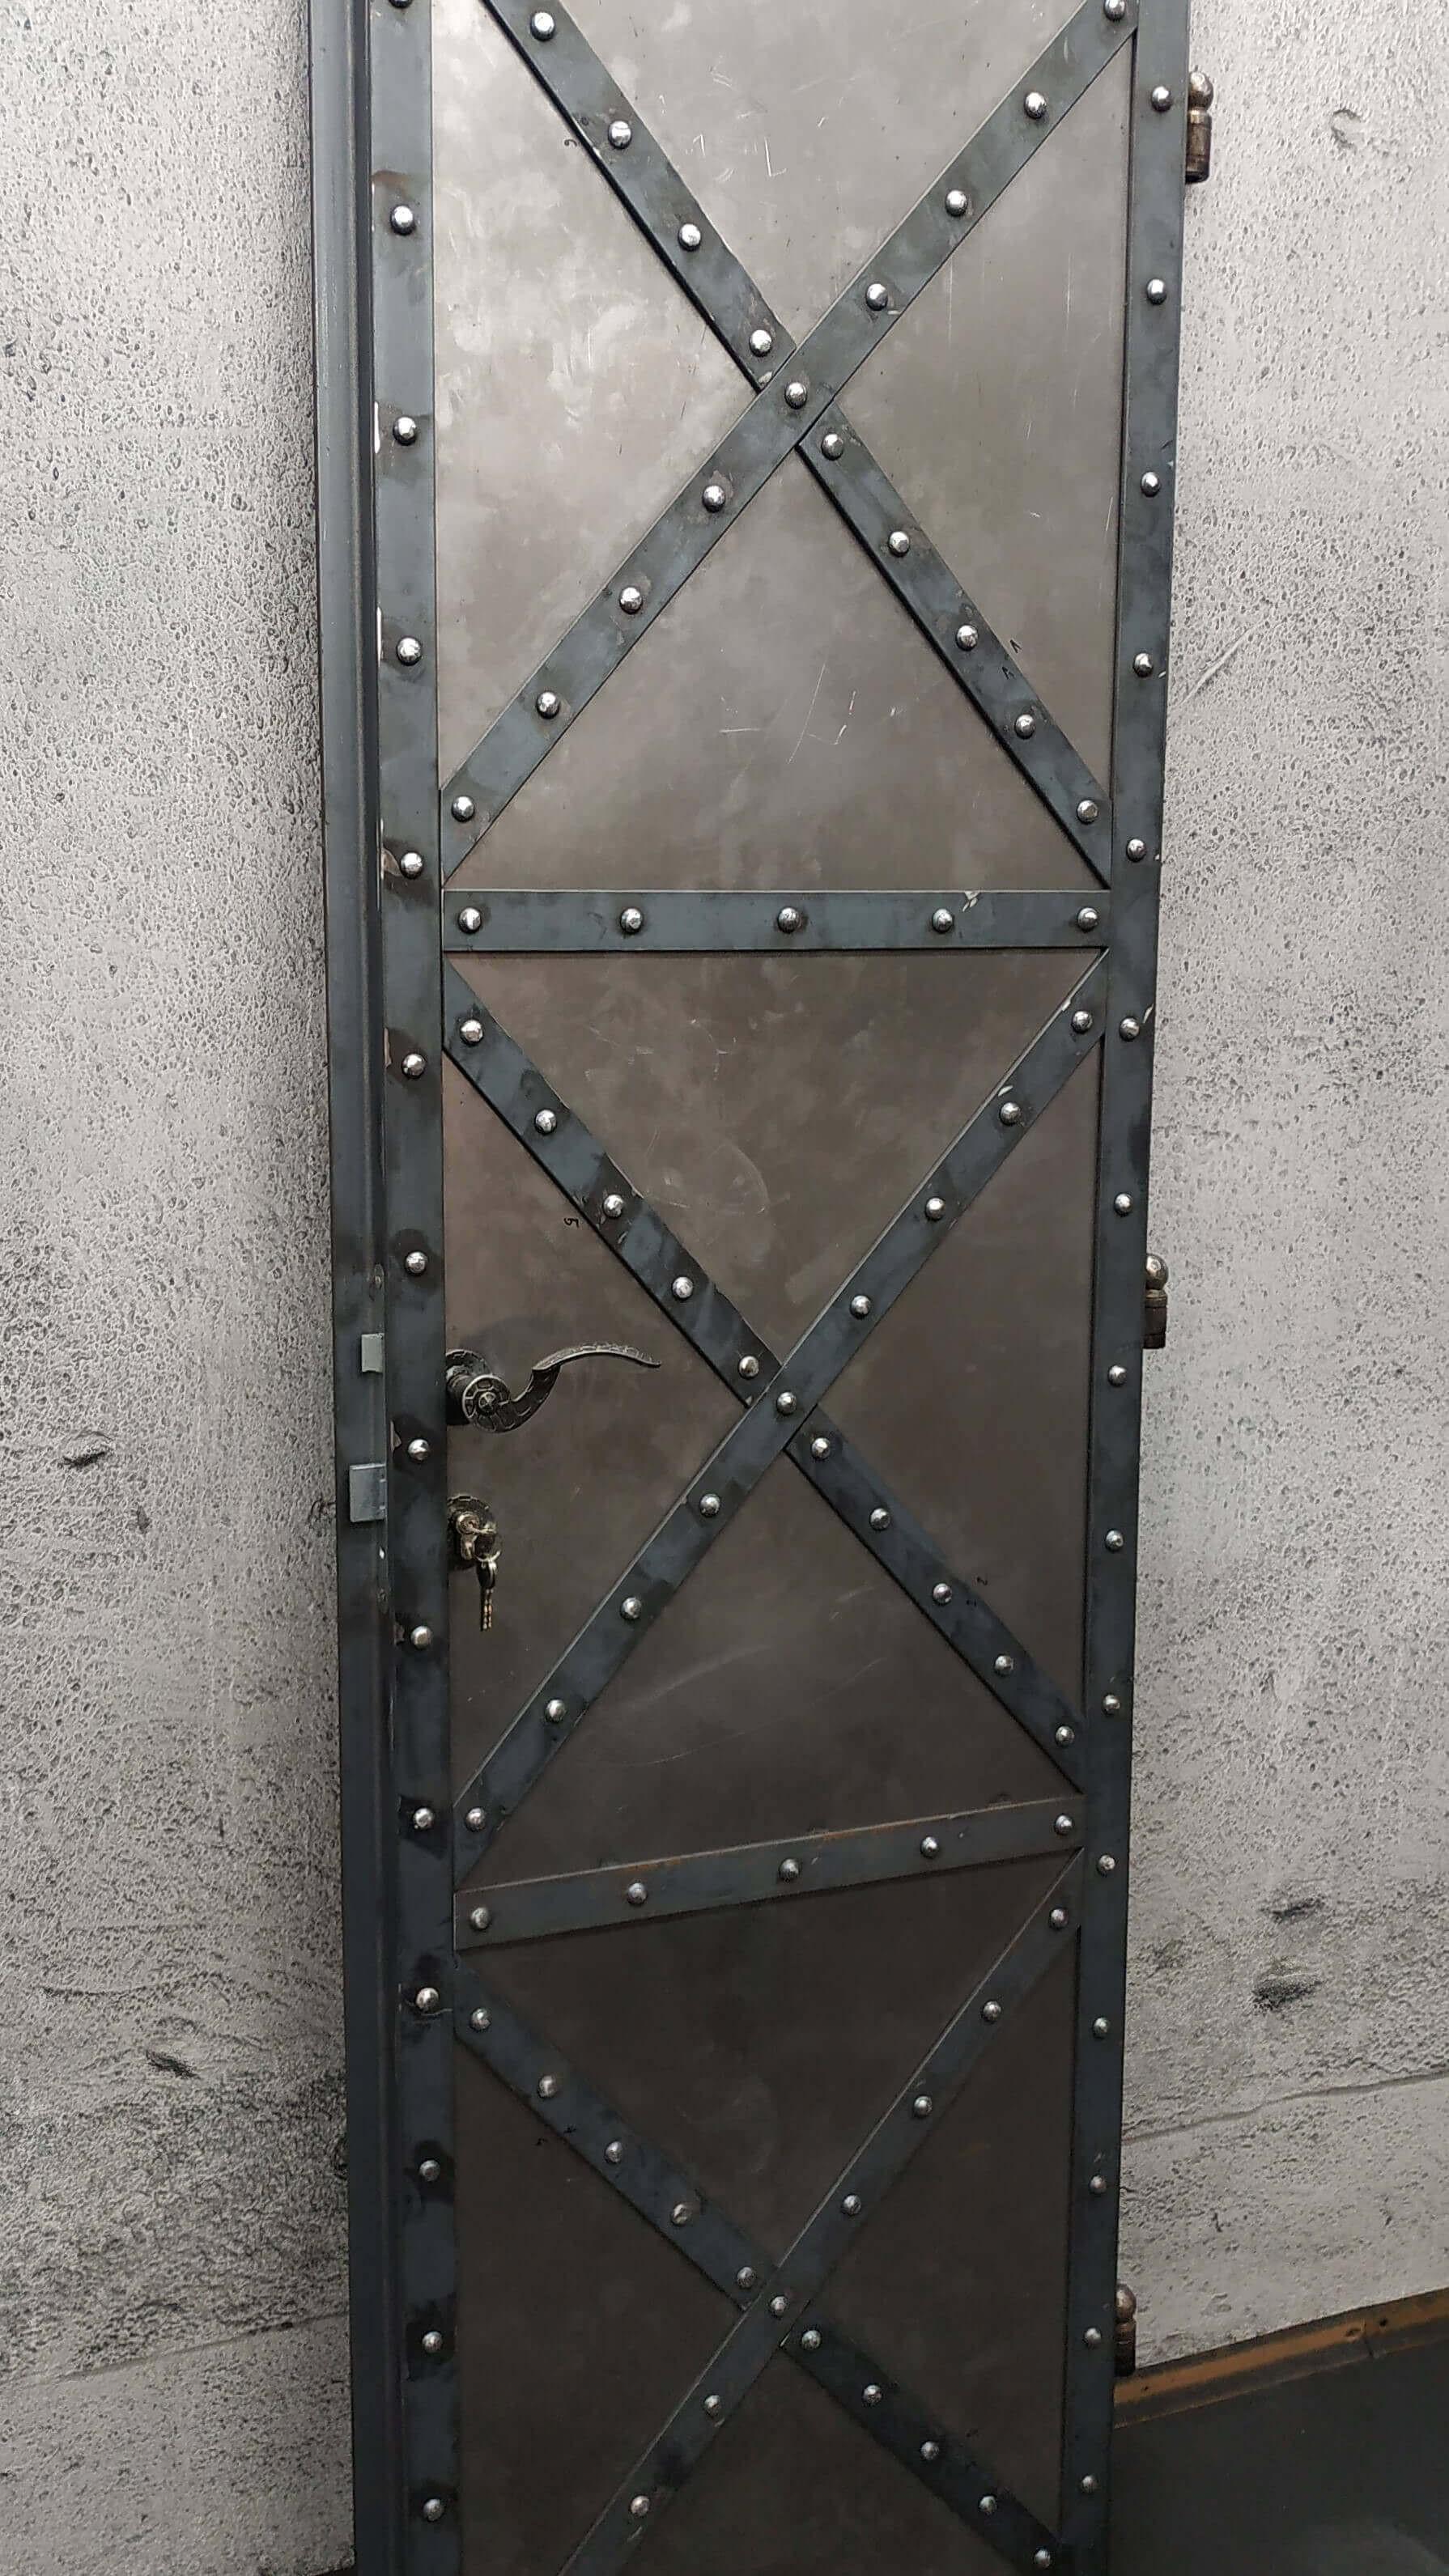 Kovové dvere, Kované dvere, Industriálne dvere, Väzenské dvere, Filmové dvere, Industrial Door Metal Door Forged Doors Old Door Prison Door Film Doors Metalrustic Rustic Door Metalltüren geschmiedete Türen Industrietor